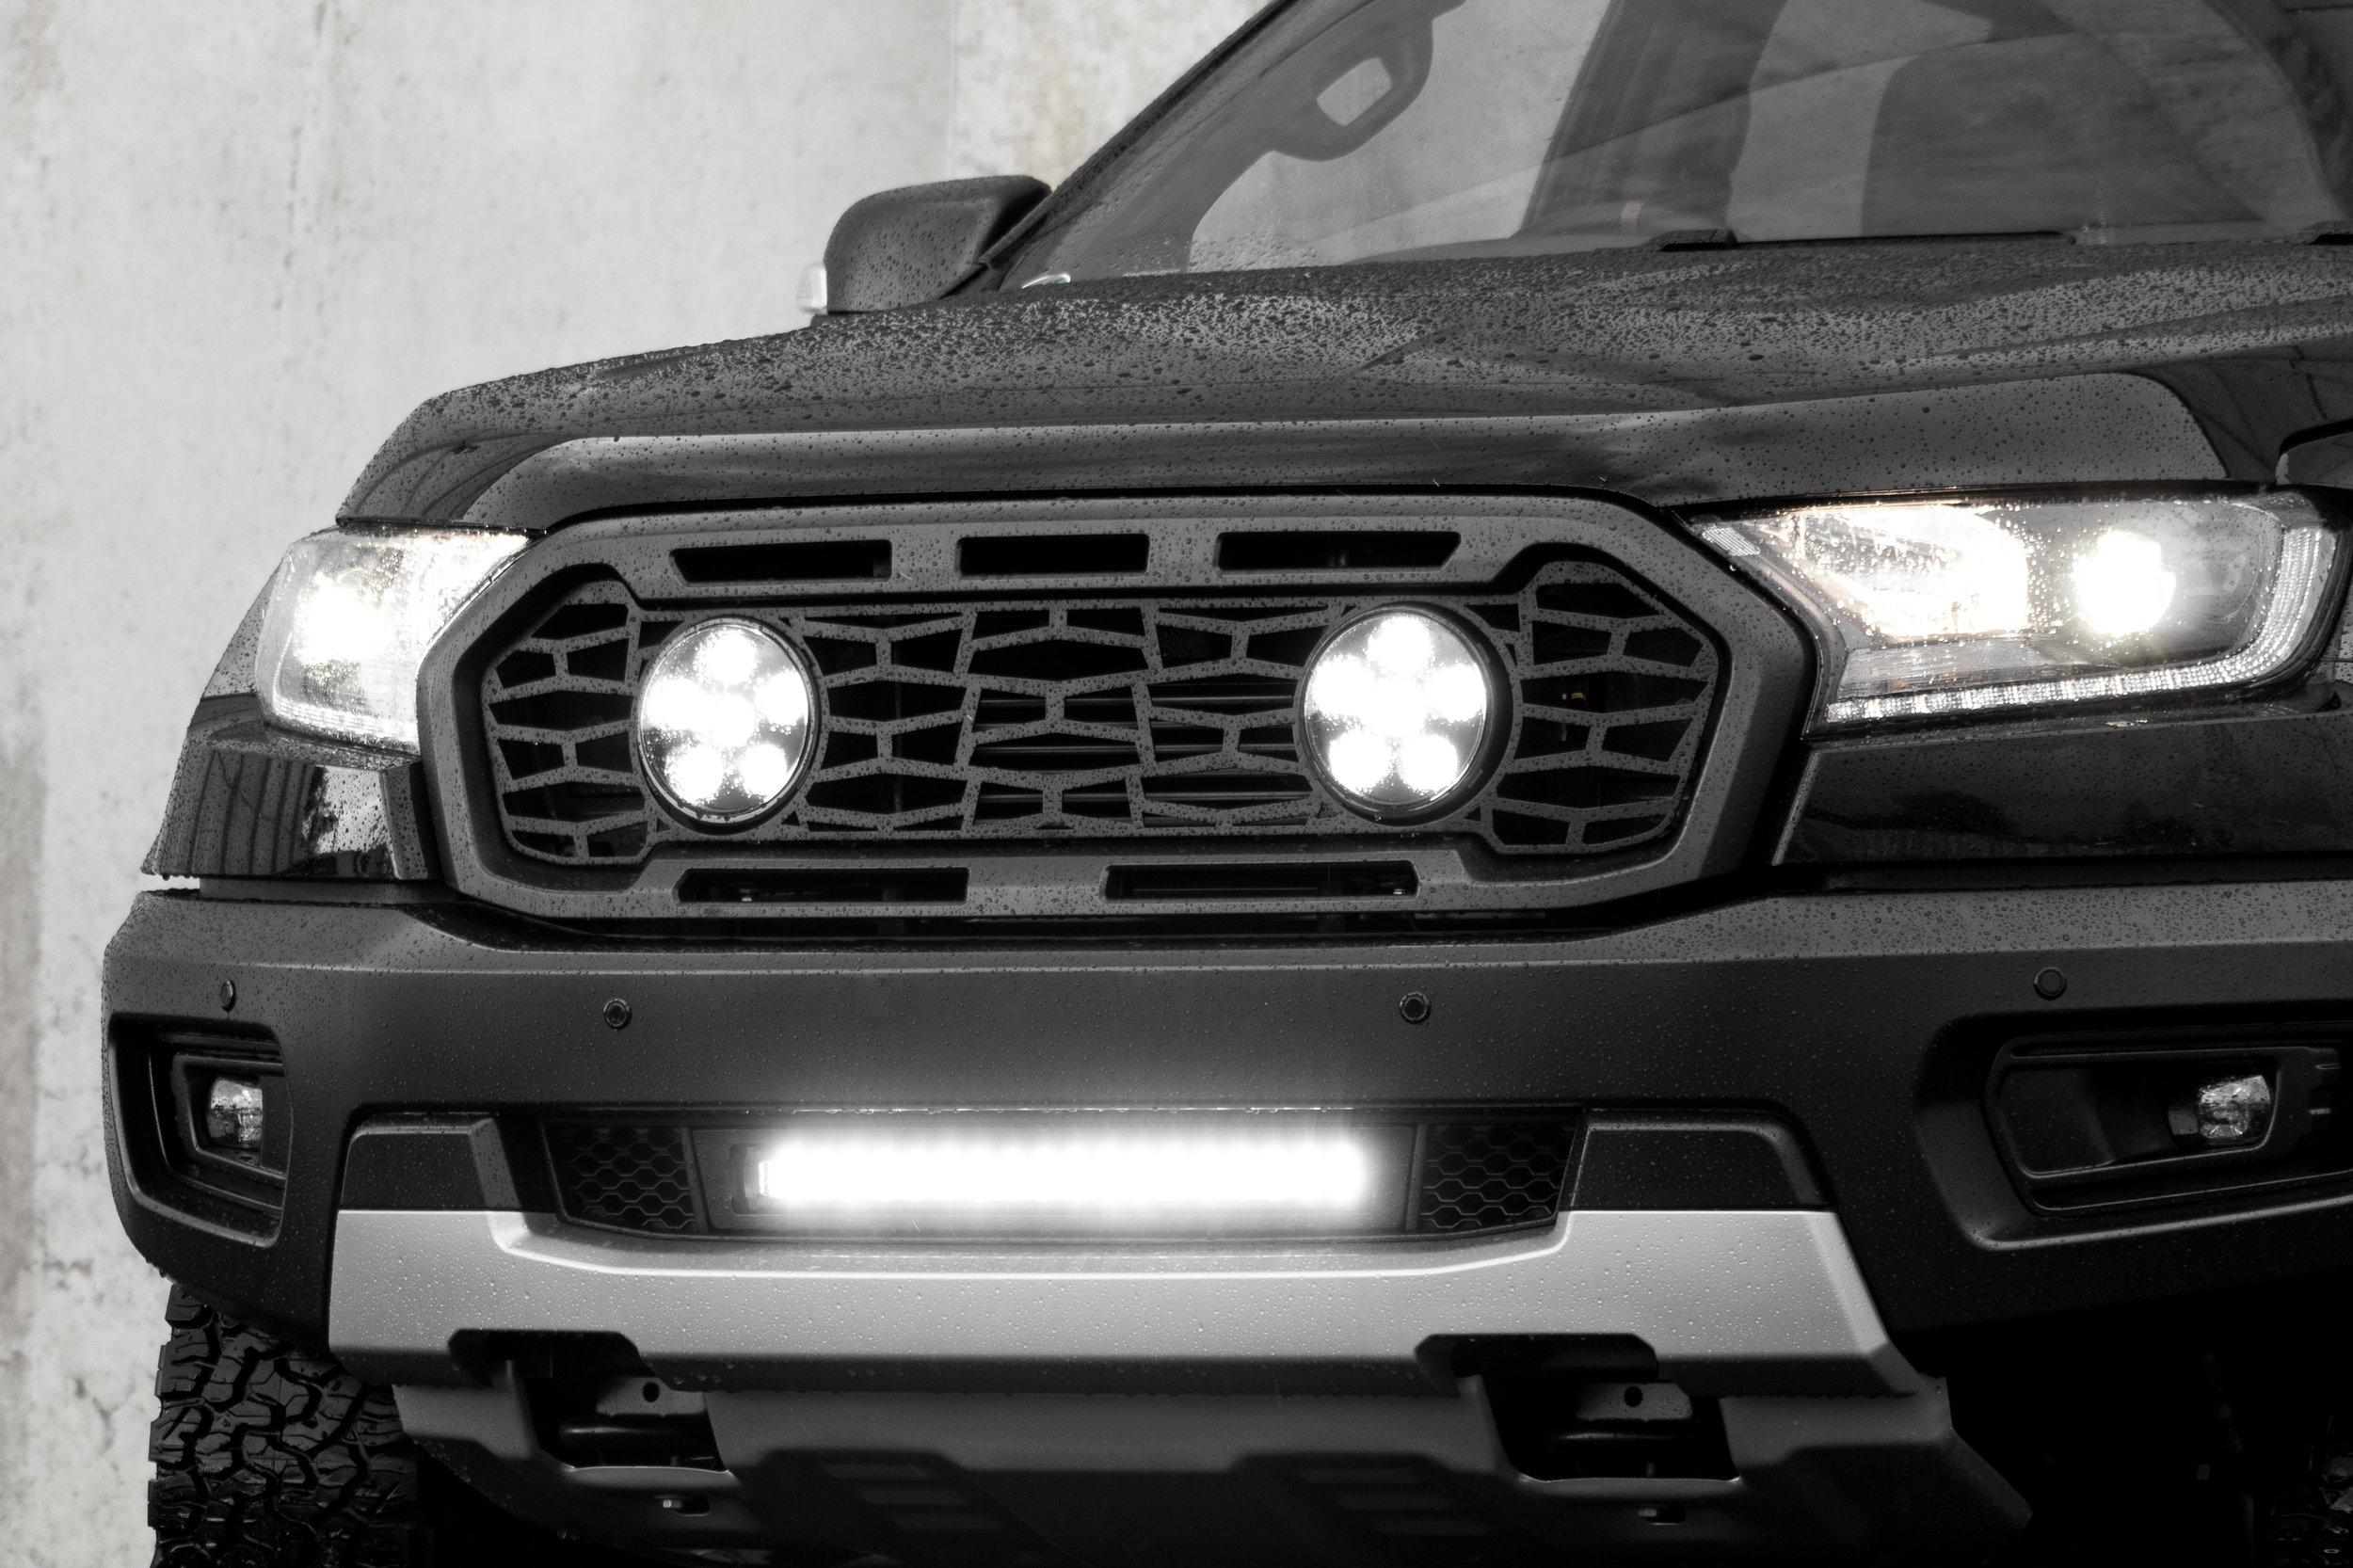 RVE-Ford-Ranger-Raptor-Grille-Mesh-Upgrade-with-Spot-Lights-1.jpg